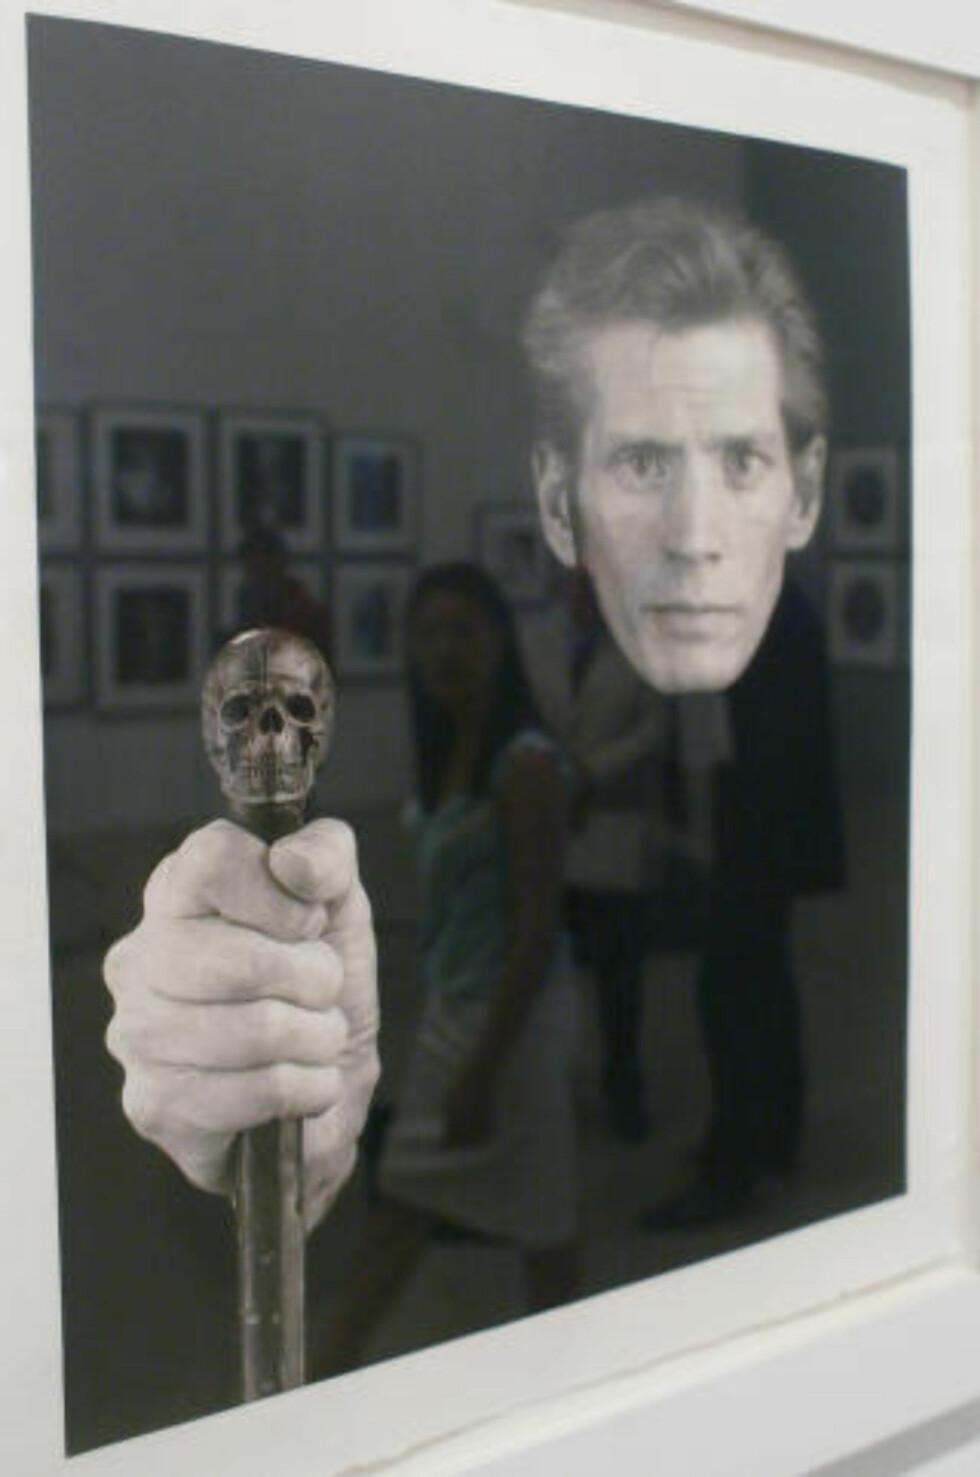 STOR: Robert Mapplethorpe er en av de mest kjente fotografkunstnerne gjennom tidende. Bildet er fra en utstilling i Tyskald i 2004. Foto: NTB Scanpix